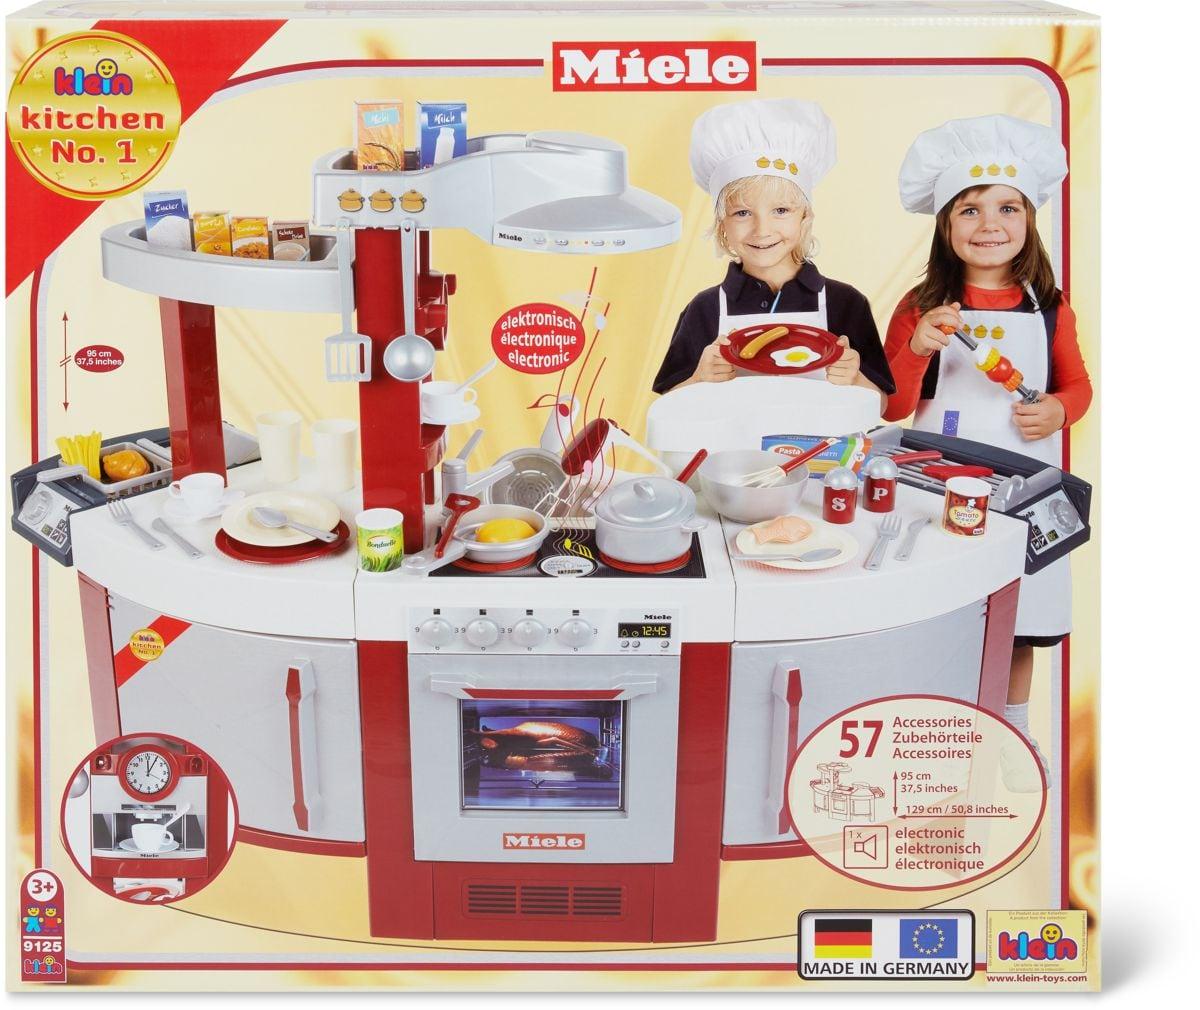 MIELE Cucina Nr. 1